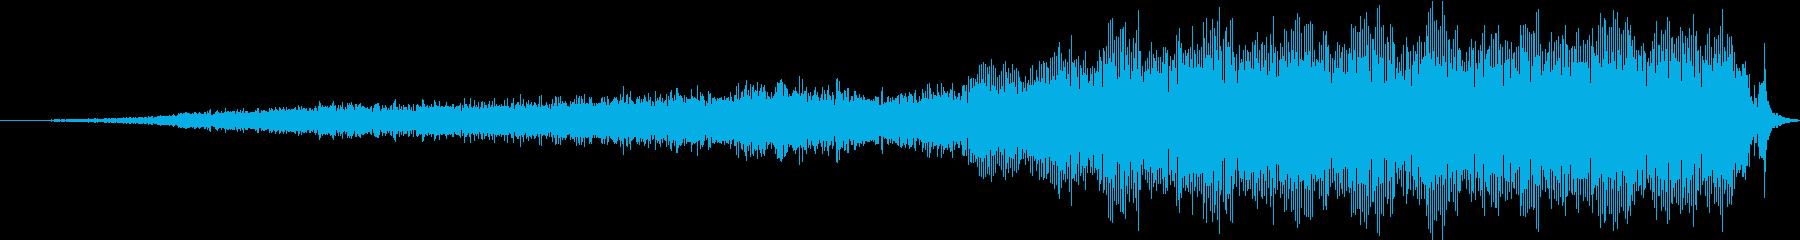 ホンダゴールドウィング1800Cc...の再生済みの波形